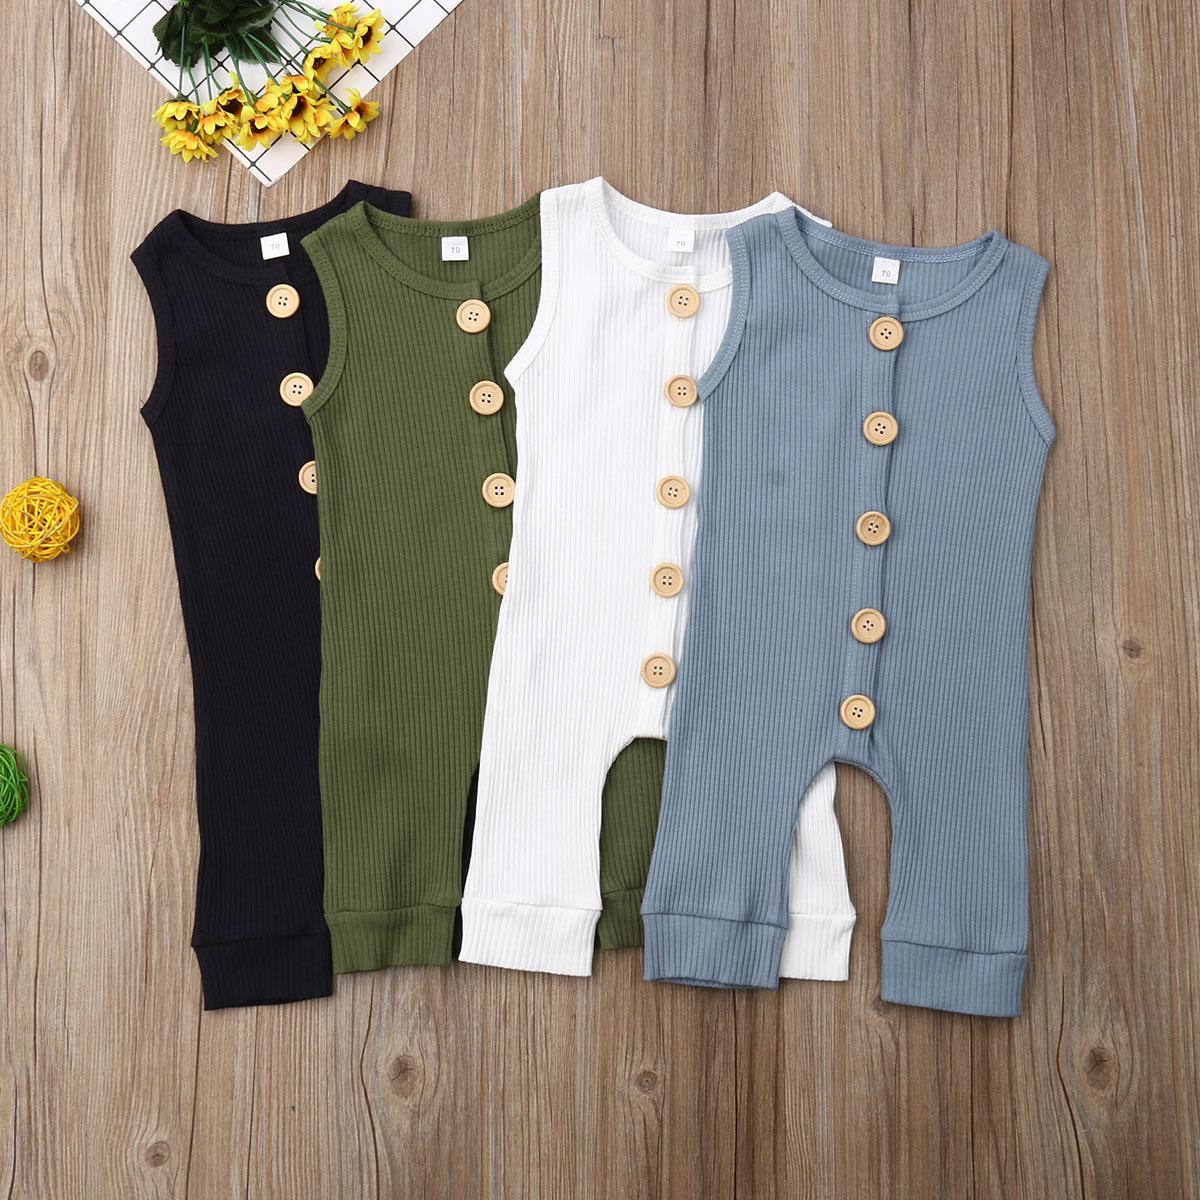 Neugeborenes Baby Mädchen Stricken Baumwolle Navy Blau Wein Rot Weiß Sleeveless Spielanzug Kleidung Outfits T-Shirt Lange Hosen Und Hut 3Pcs